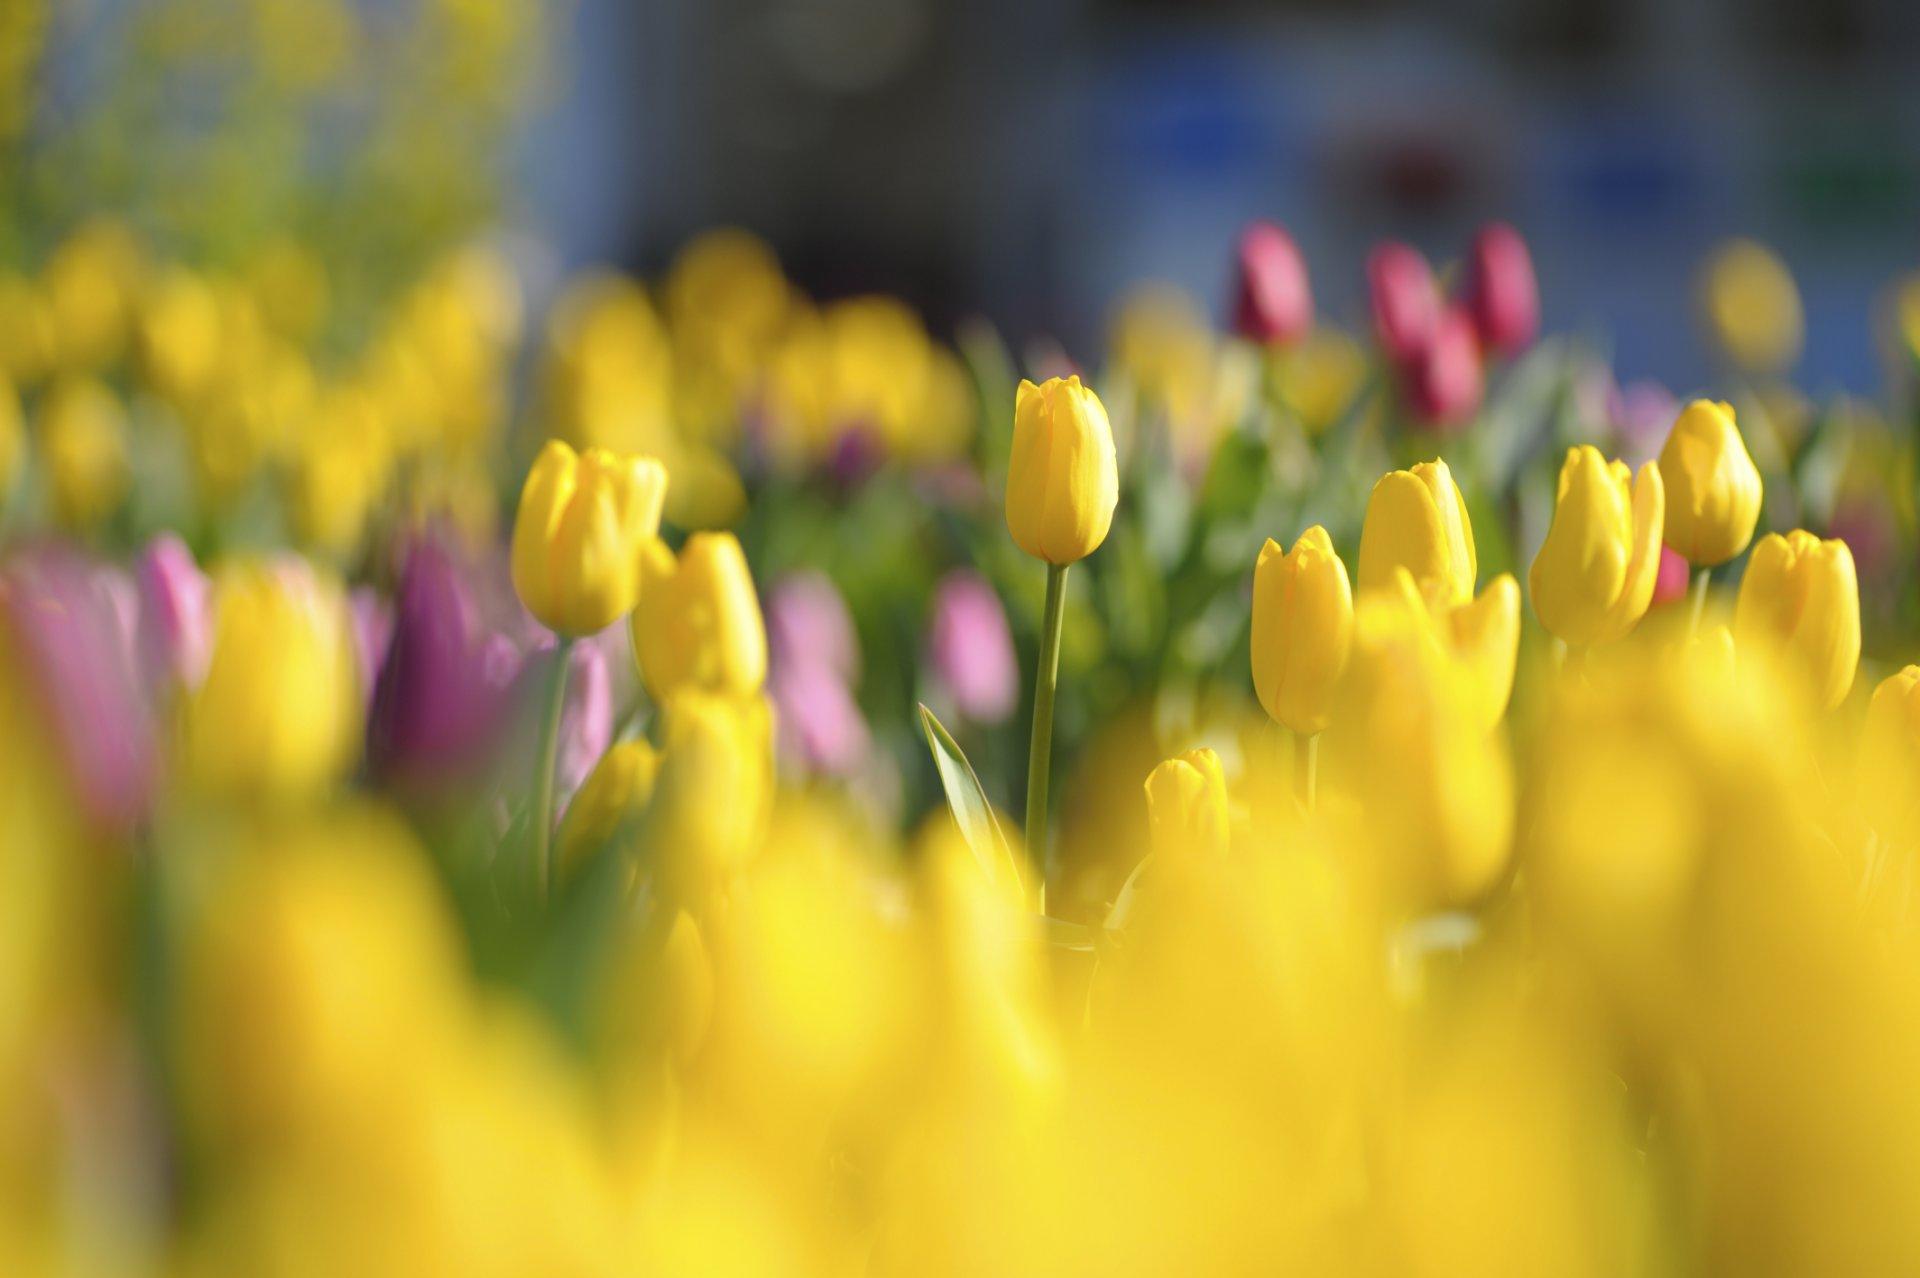 красные тюльпаны бутоны цветы бесплатно